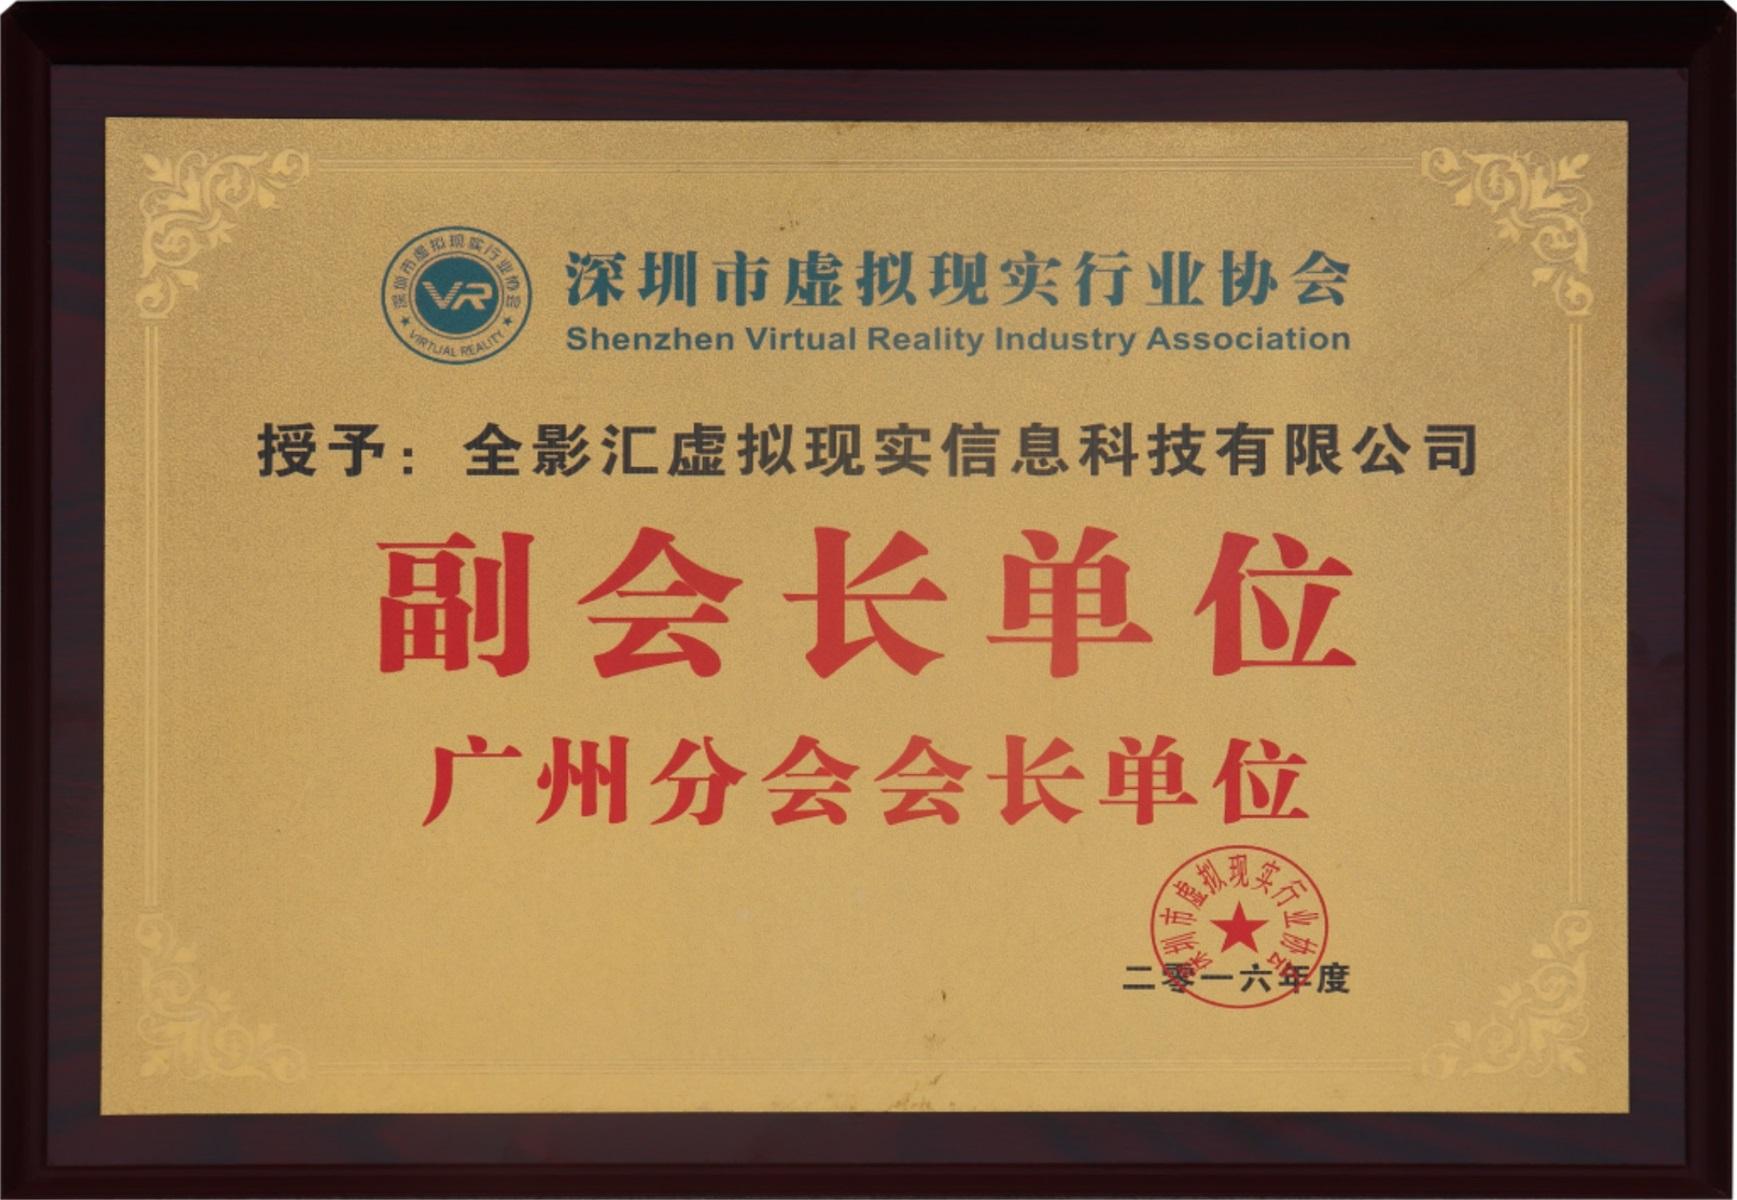 深圳市虚拟现实行业协会副会长单位(广州分会会长单位)-2016年